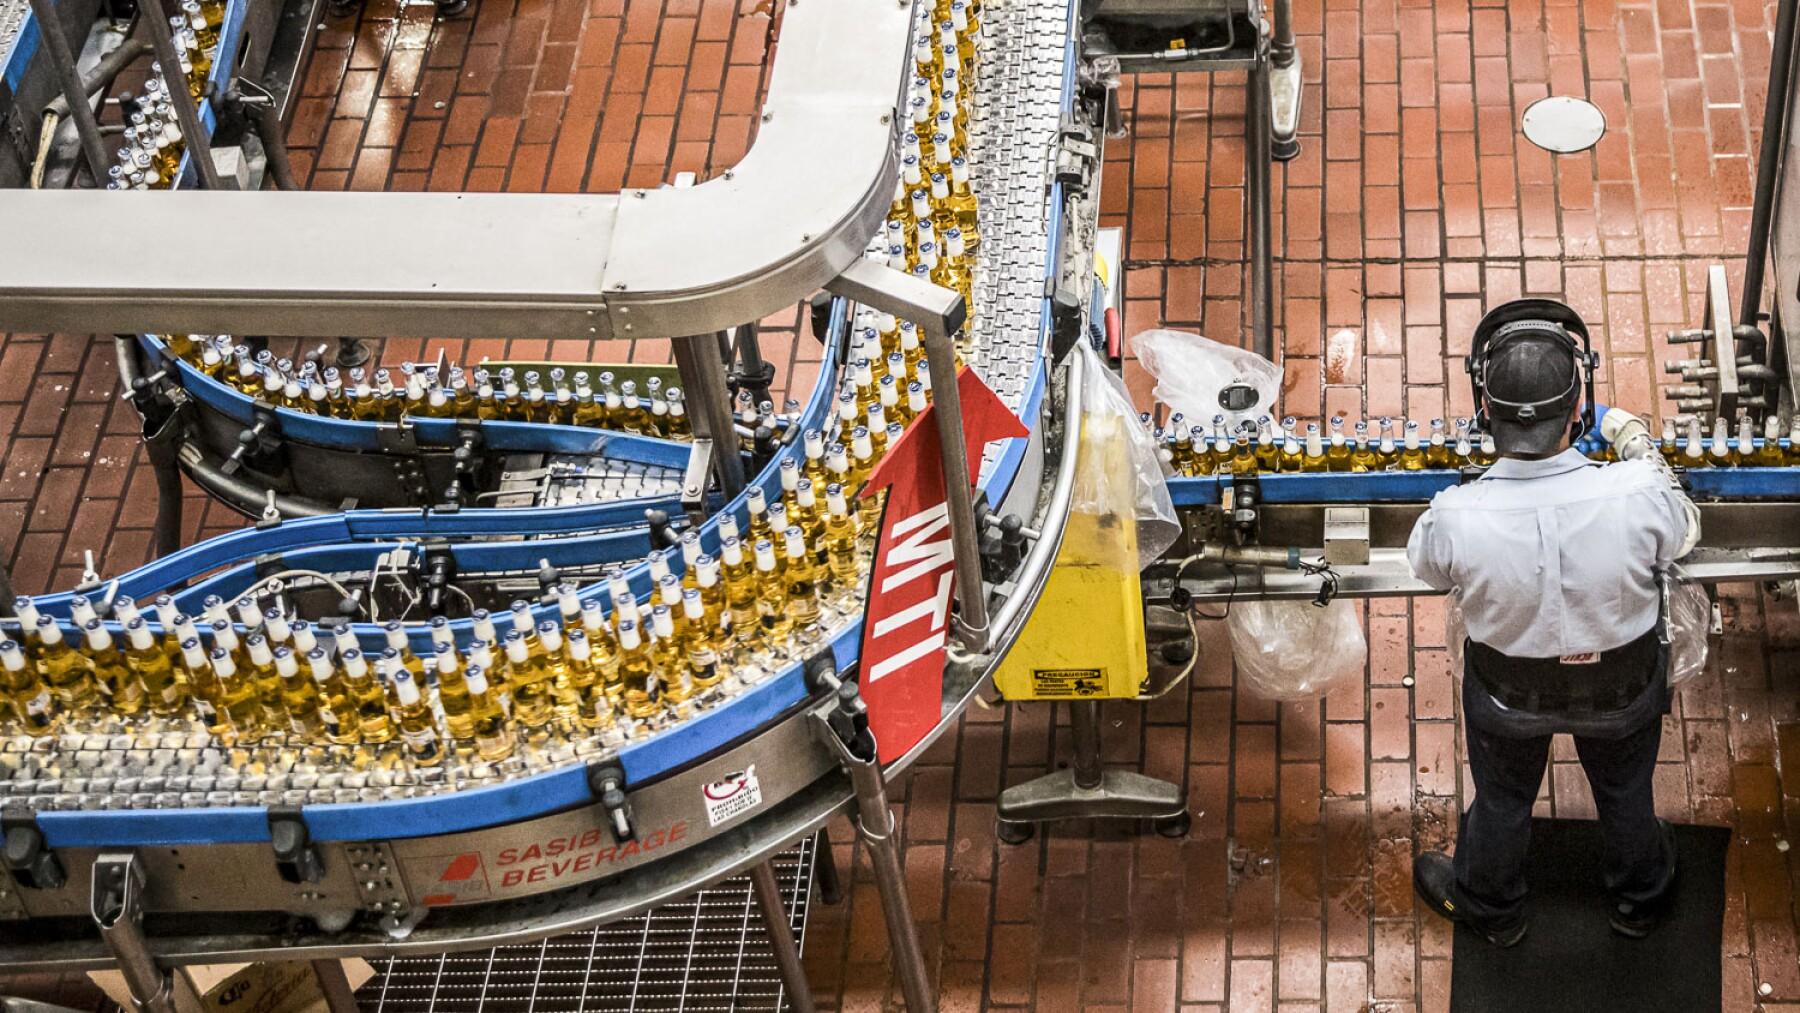 Cervecería Modelo Zacatecas